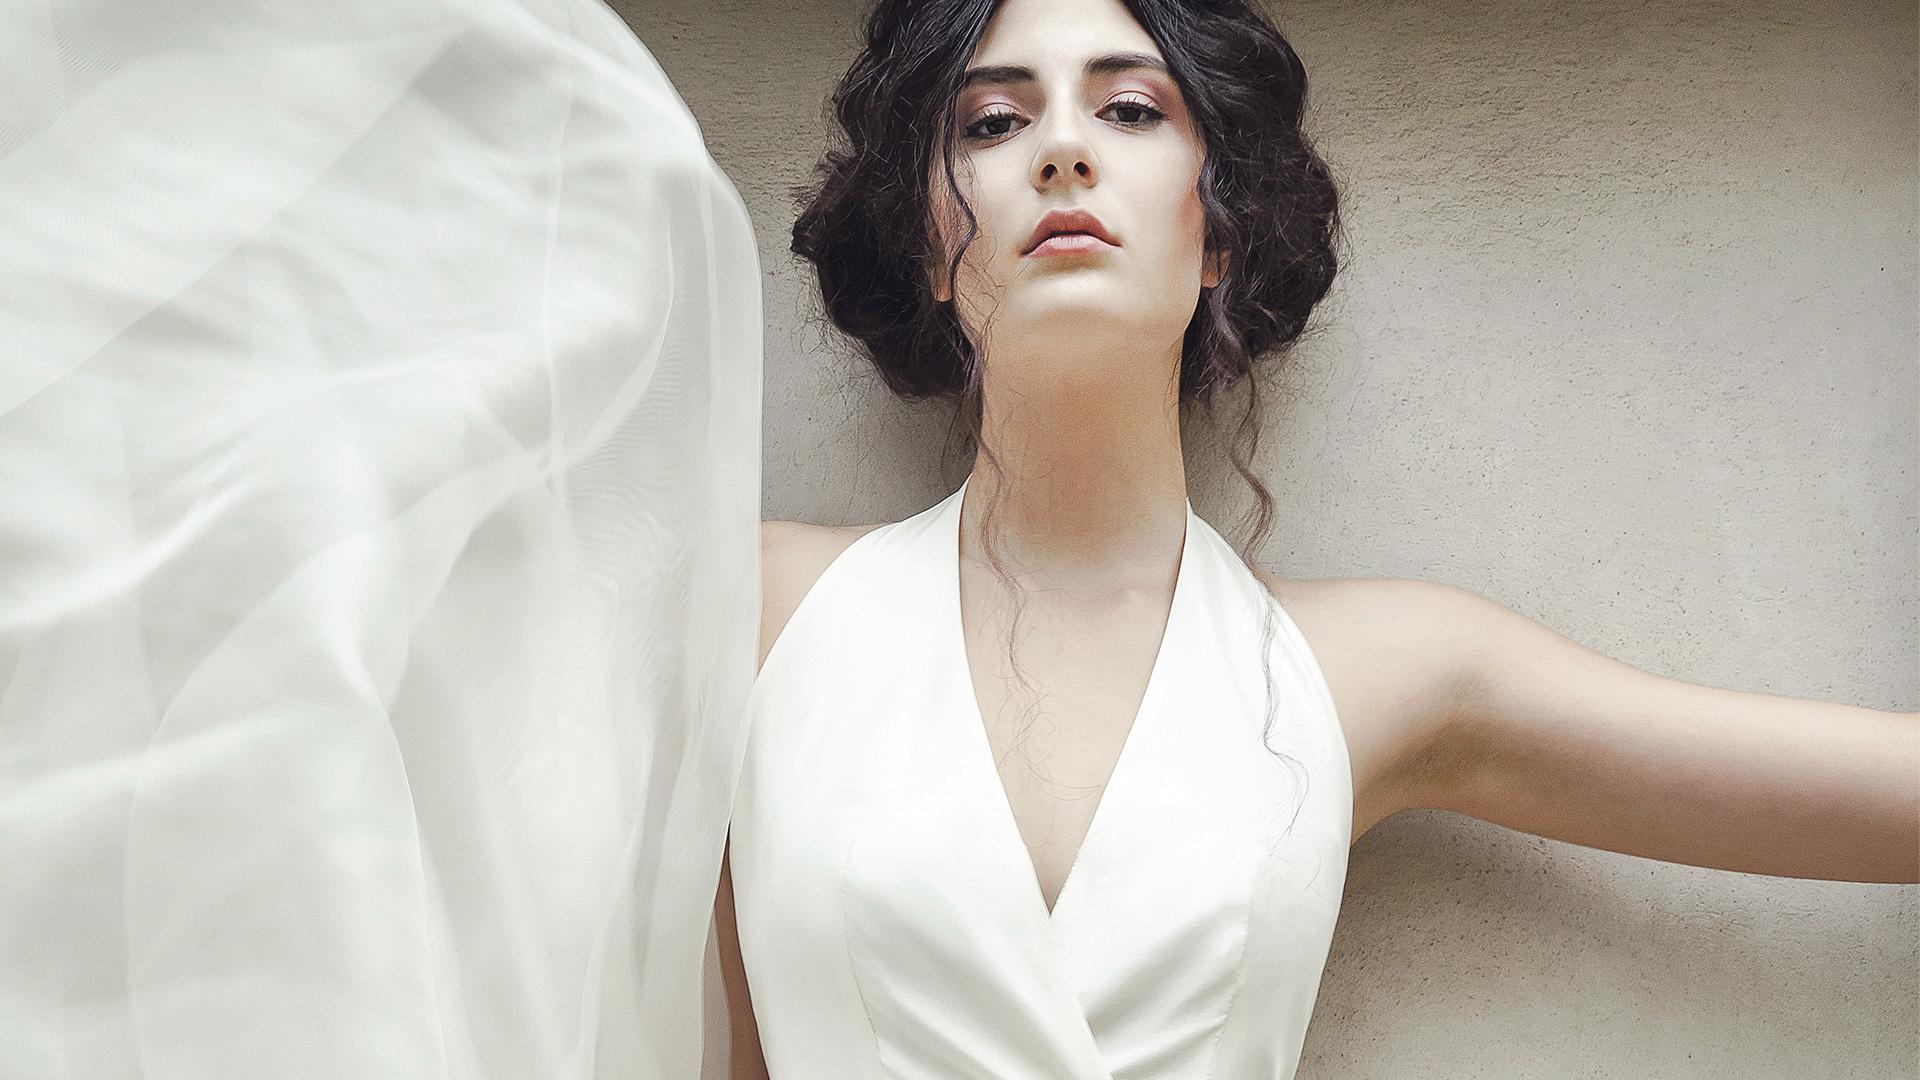 Dunkelhaarige Braut mit weißem Bratutkleid